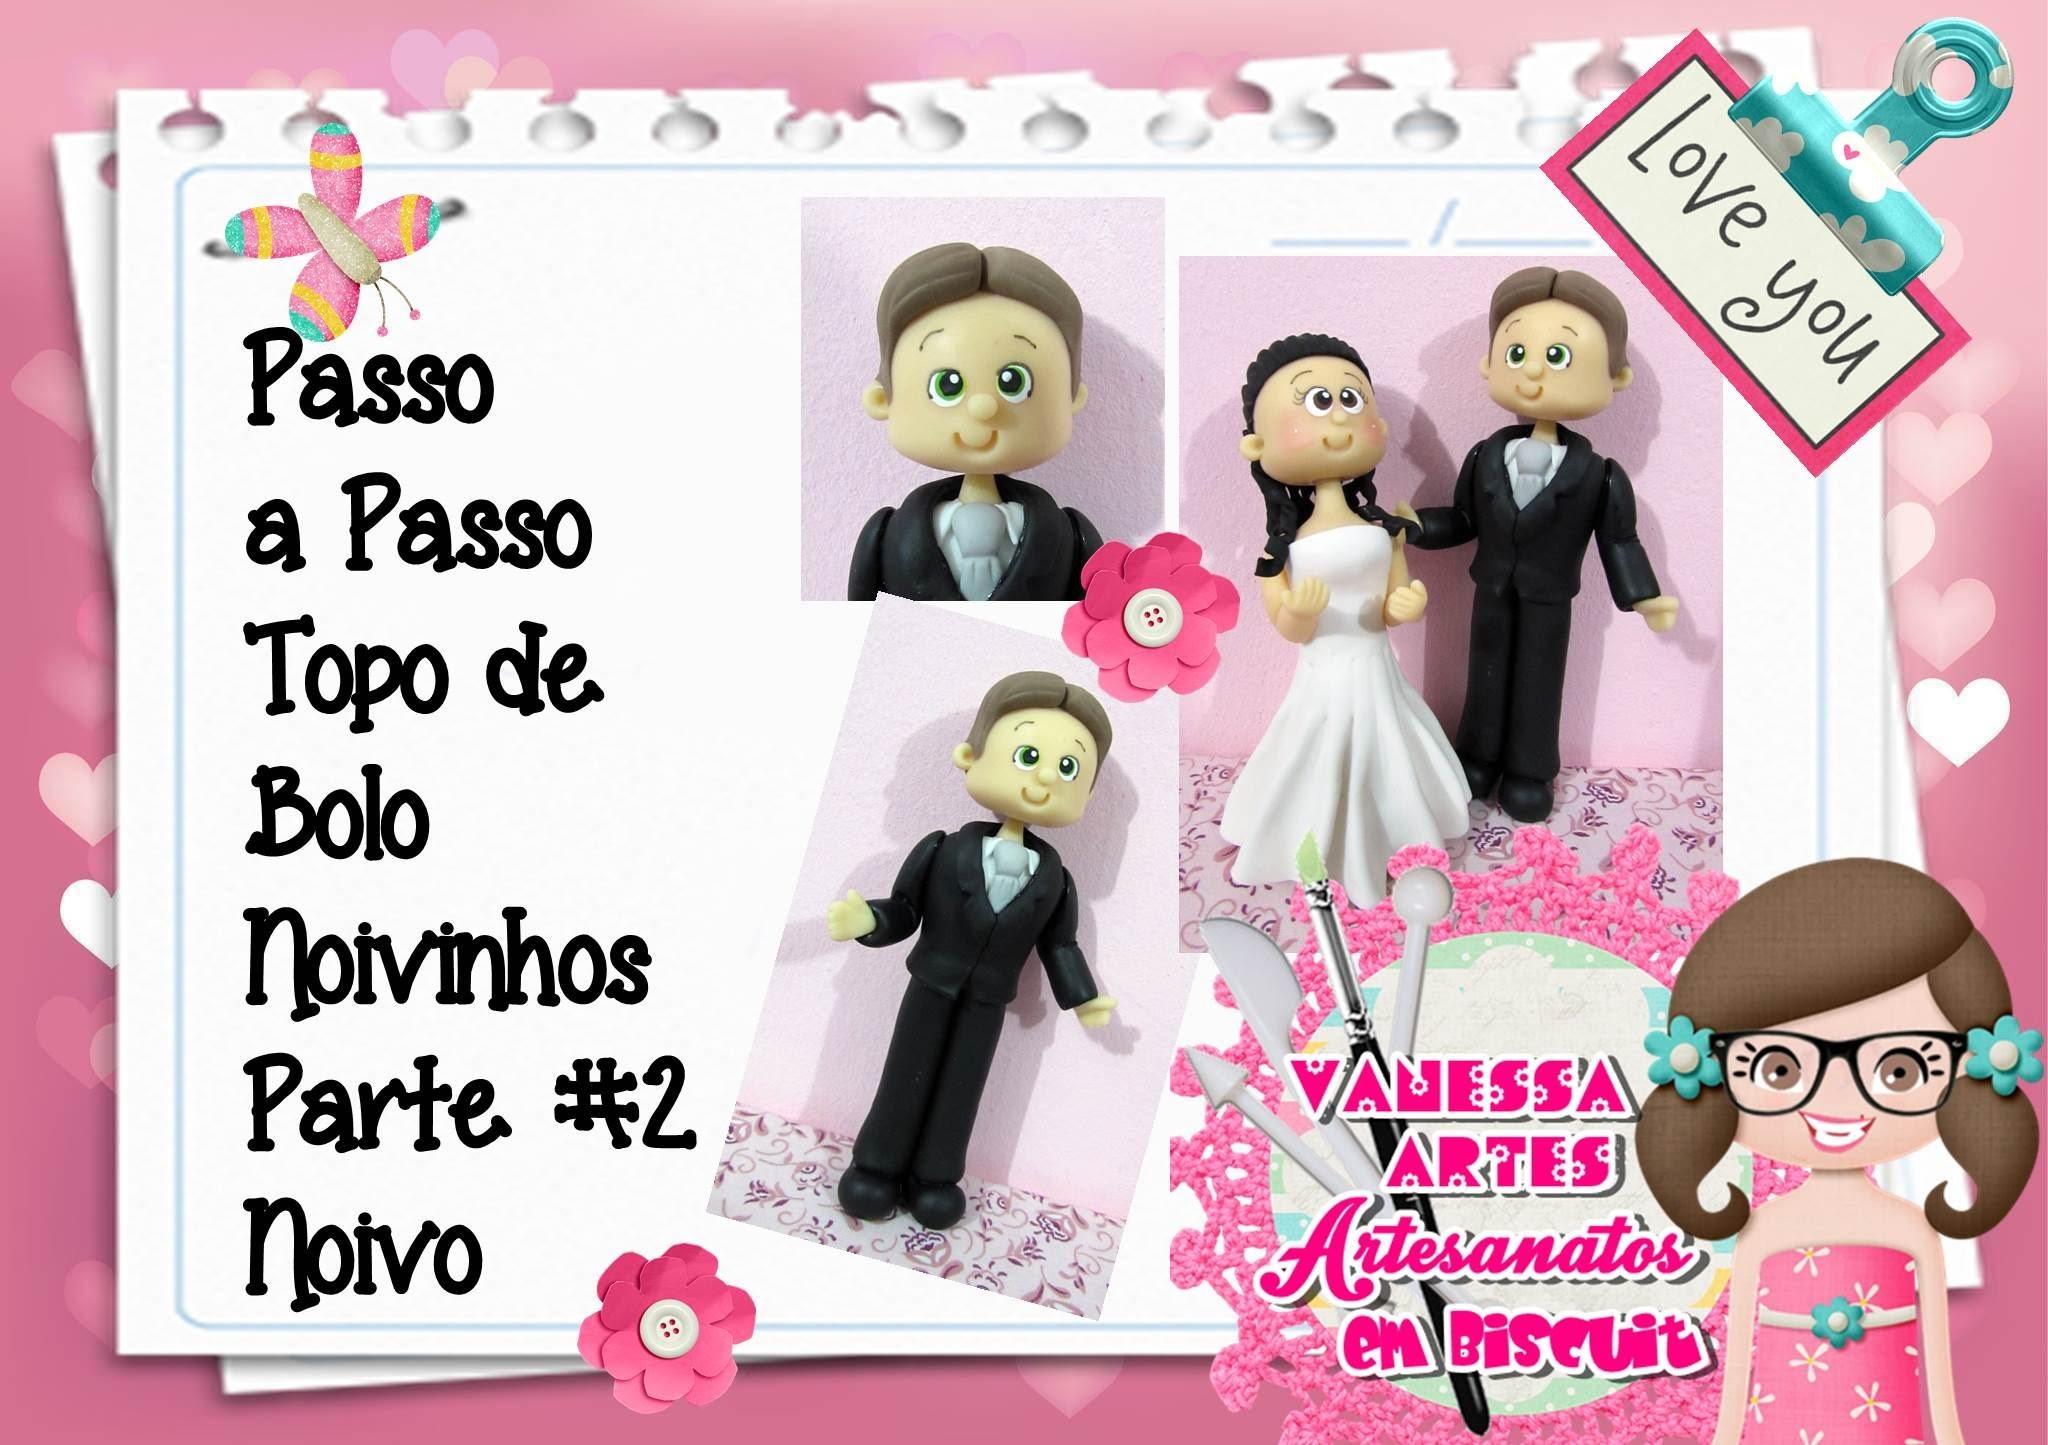 (DIY) PASSO A PASSO TOPO DE BOLO NOIVINHOS PARTE #2 NOIVO